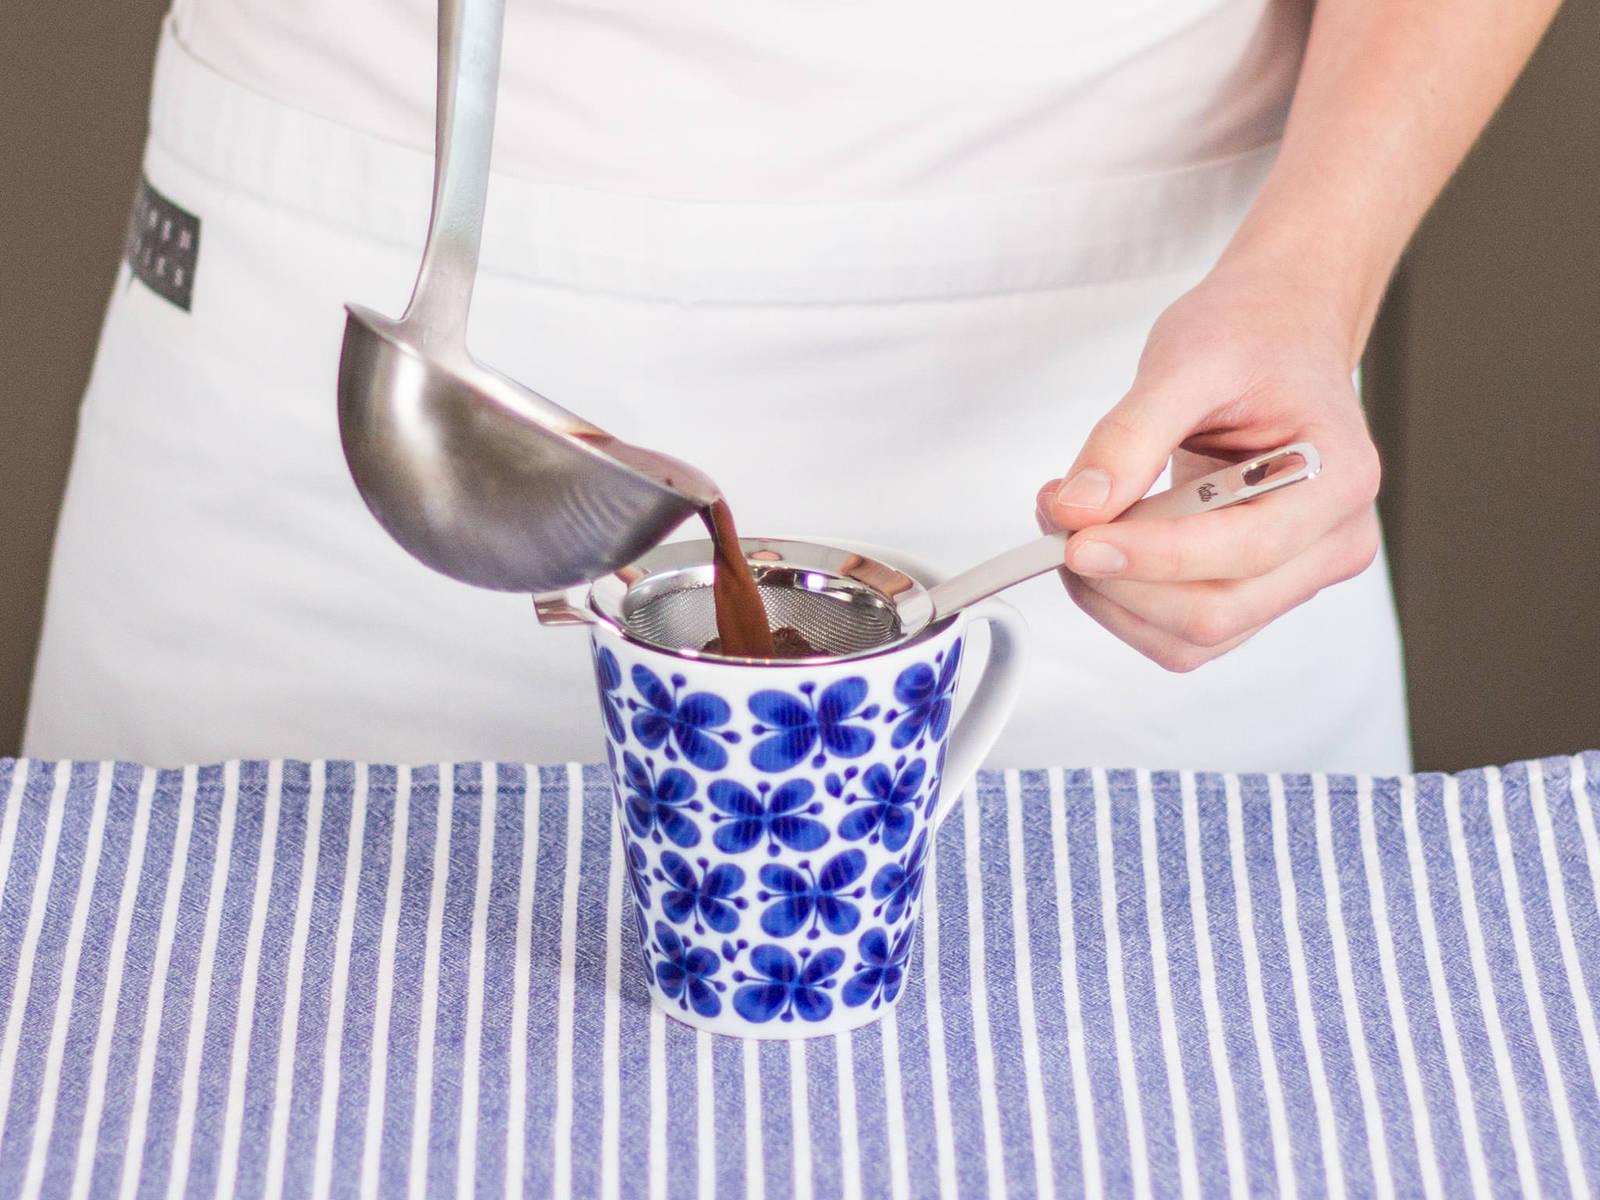 将筛子置于杯子上。用长柄勺将Chai茶热巧克力倒入杯中。移开筛子,享用吧。